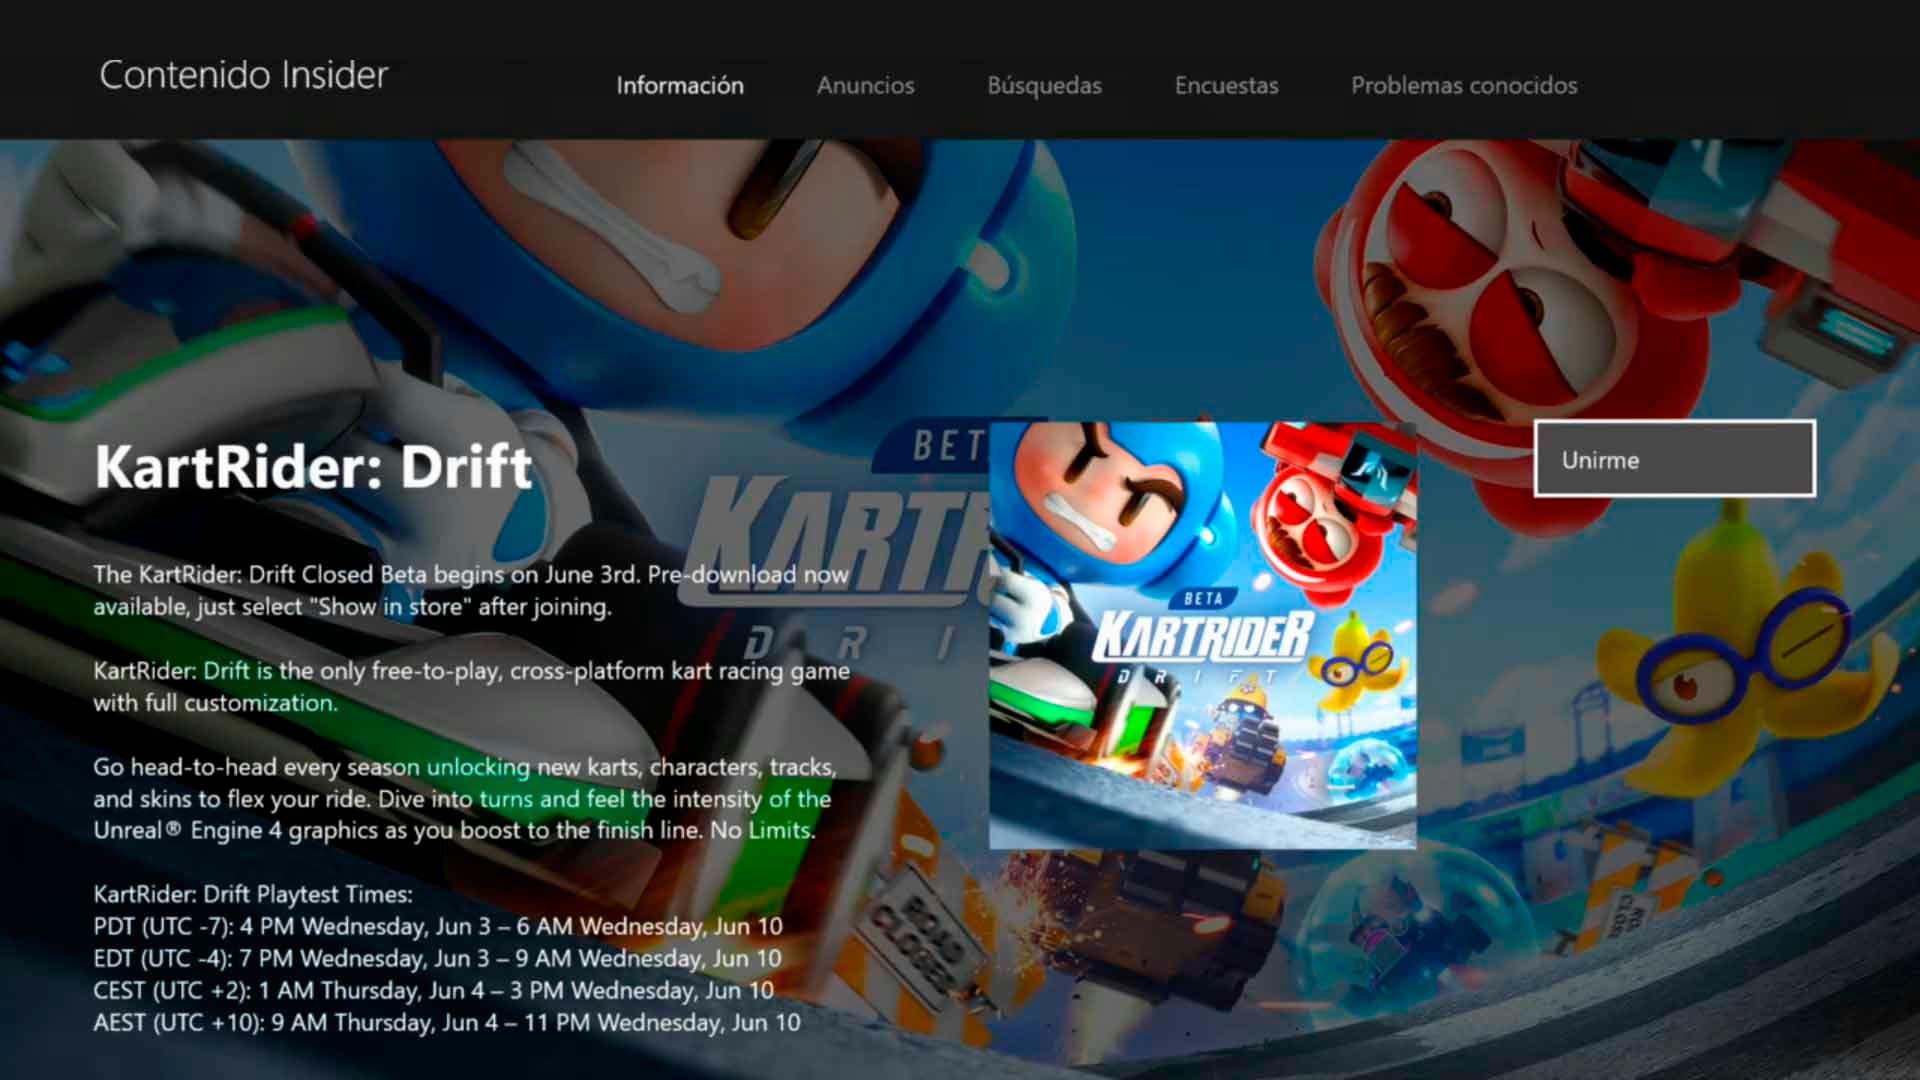 KartRider: Drift arranca su beta, disponible a través del Insider Hub 2